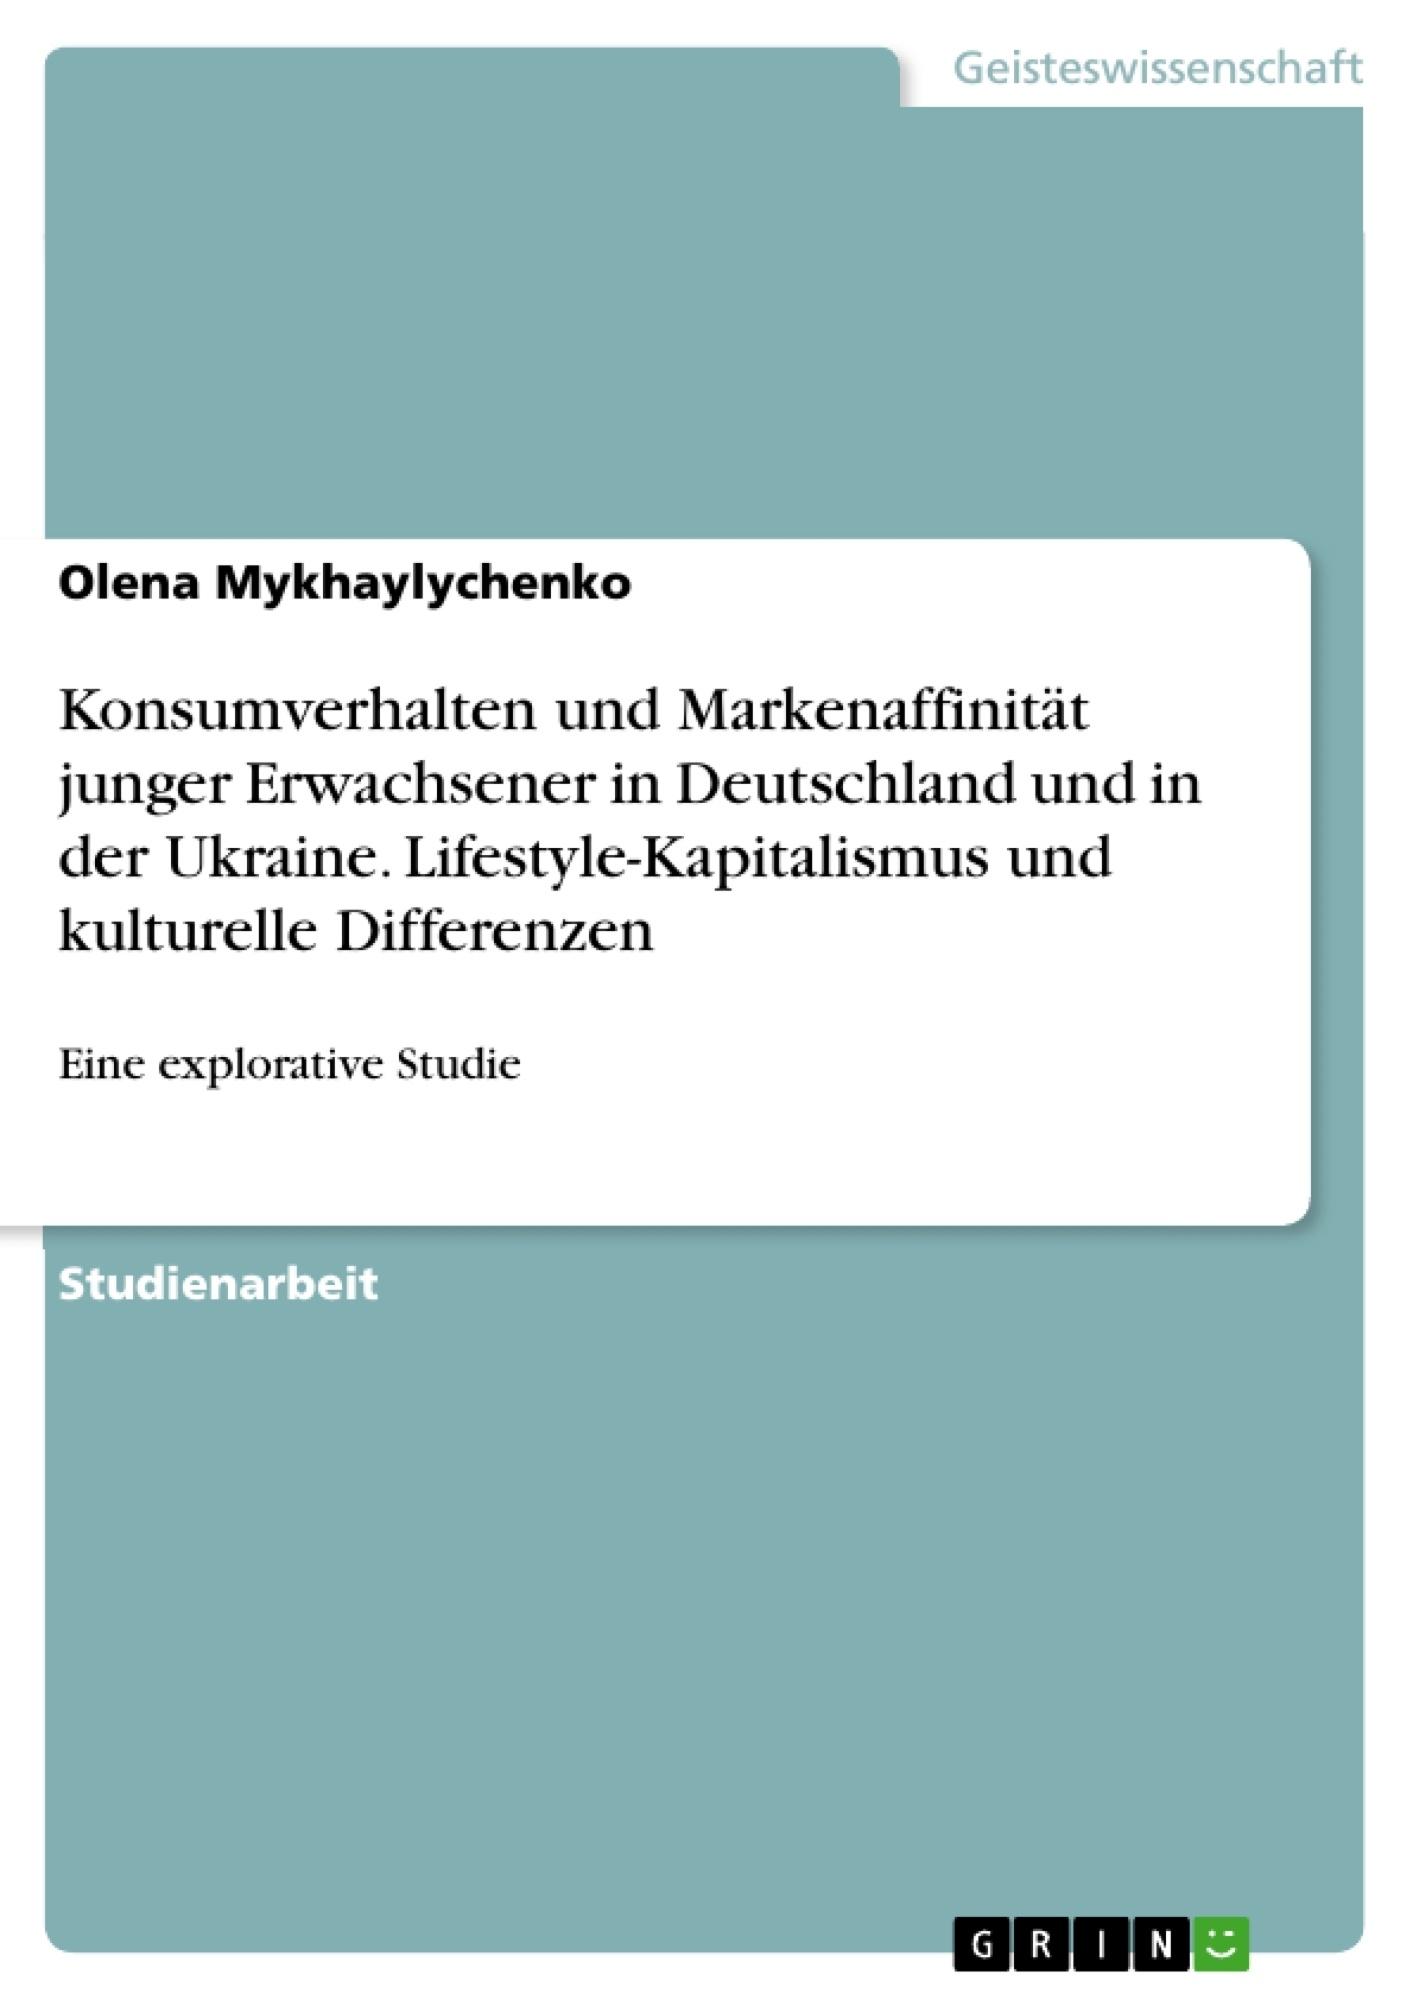 Titel: Konsumverhalten und Markenaffinität junger Erwachsener in Deutschland und in der Ukraine. Lifestyle-Kapitalismus und kulturelle Differenzen